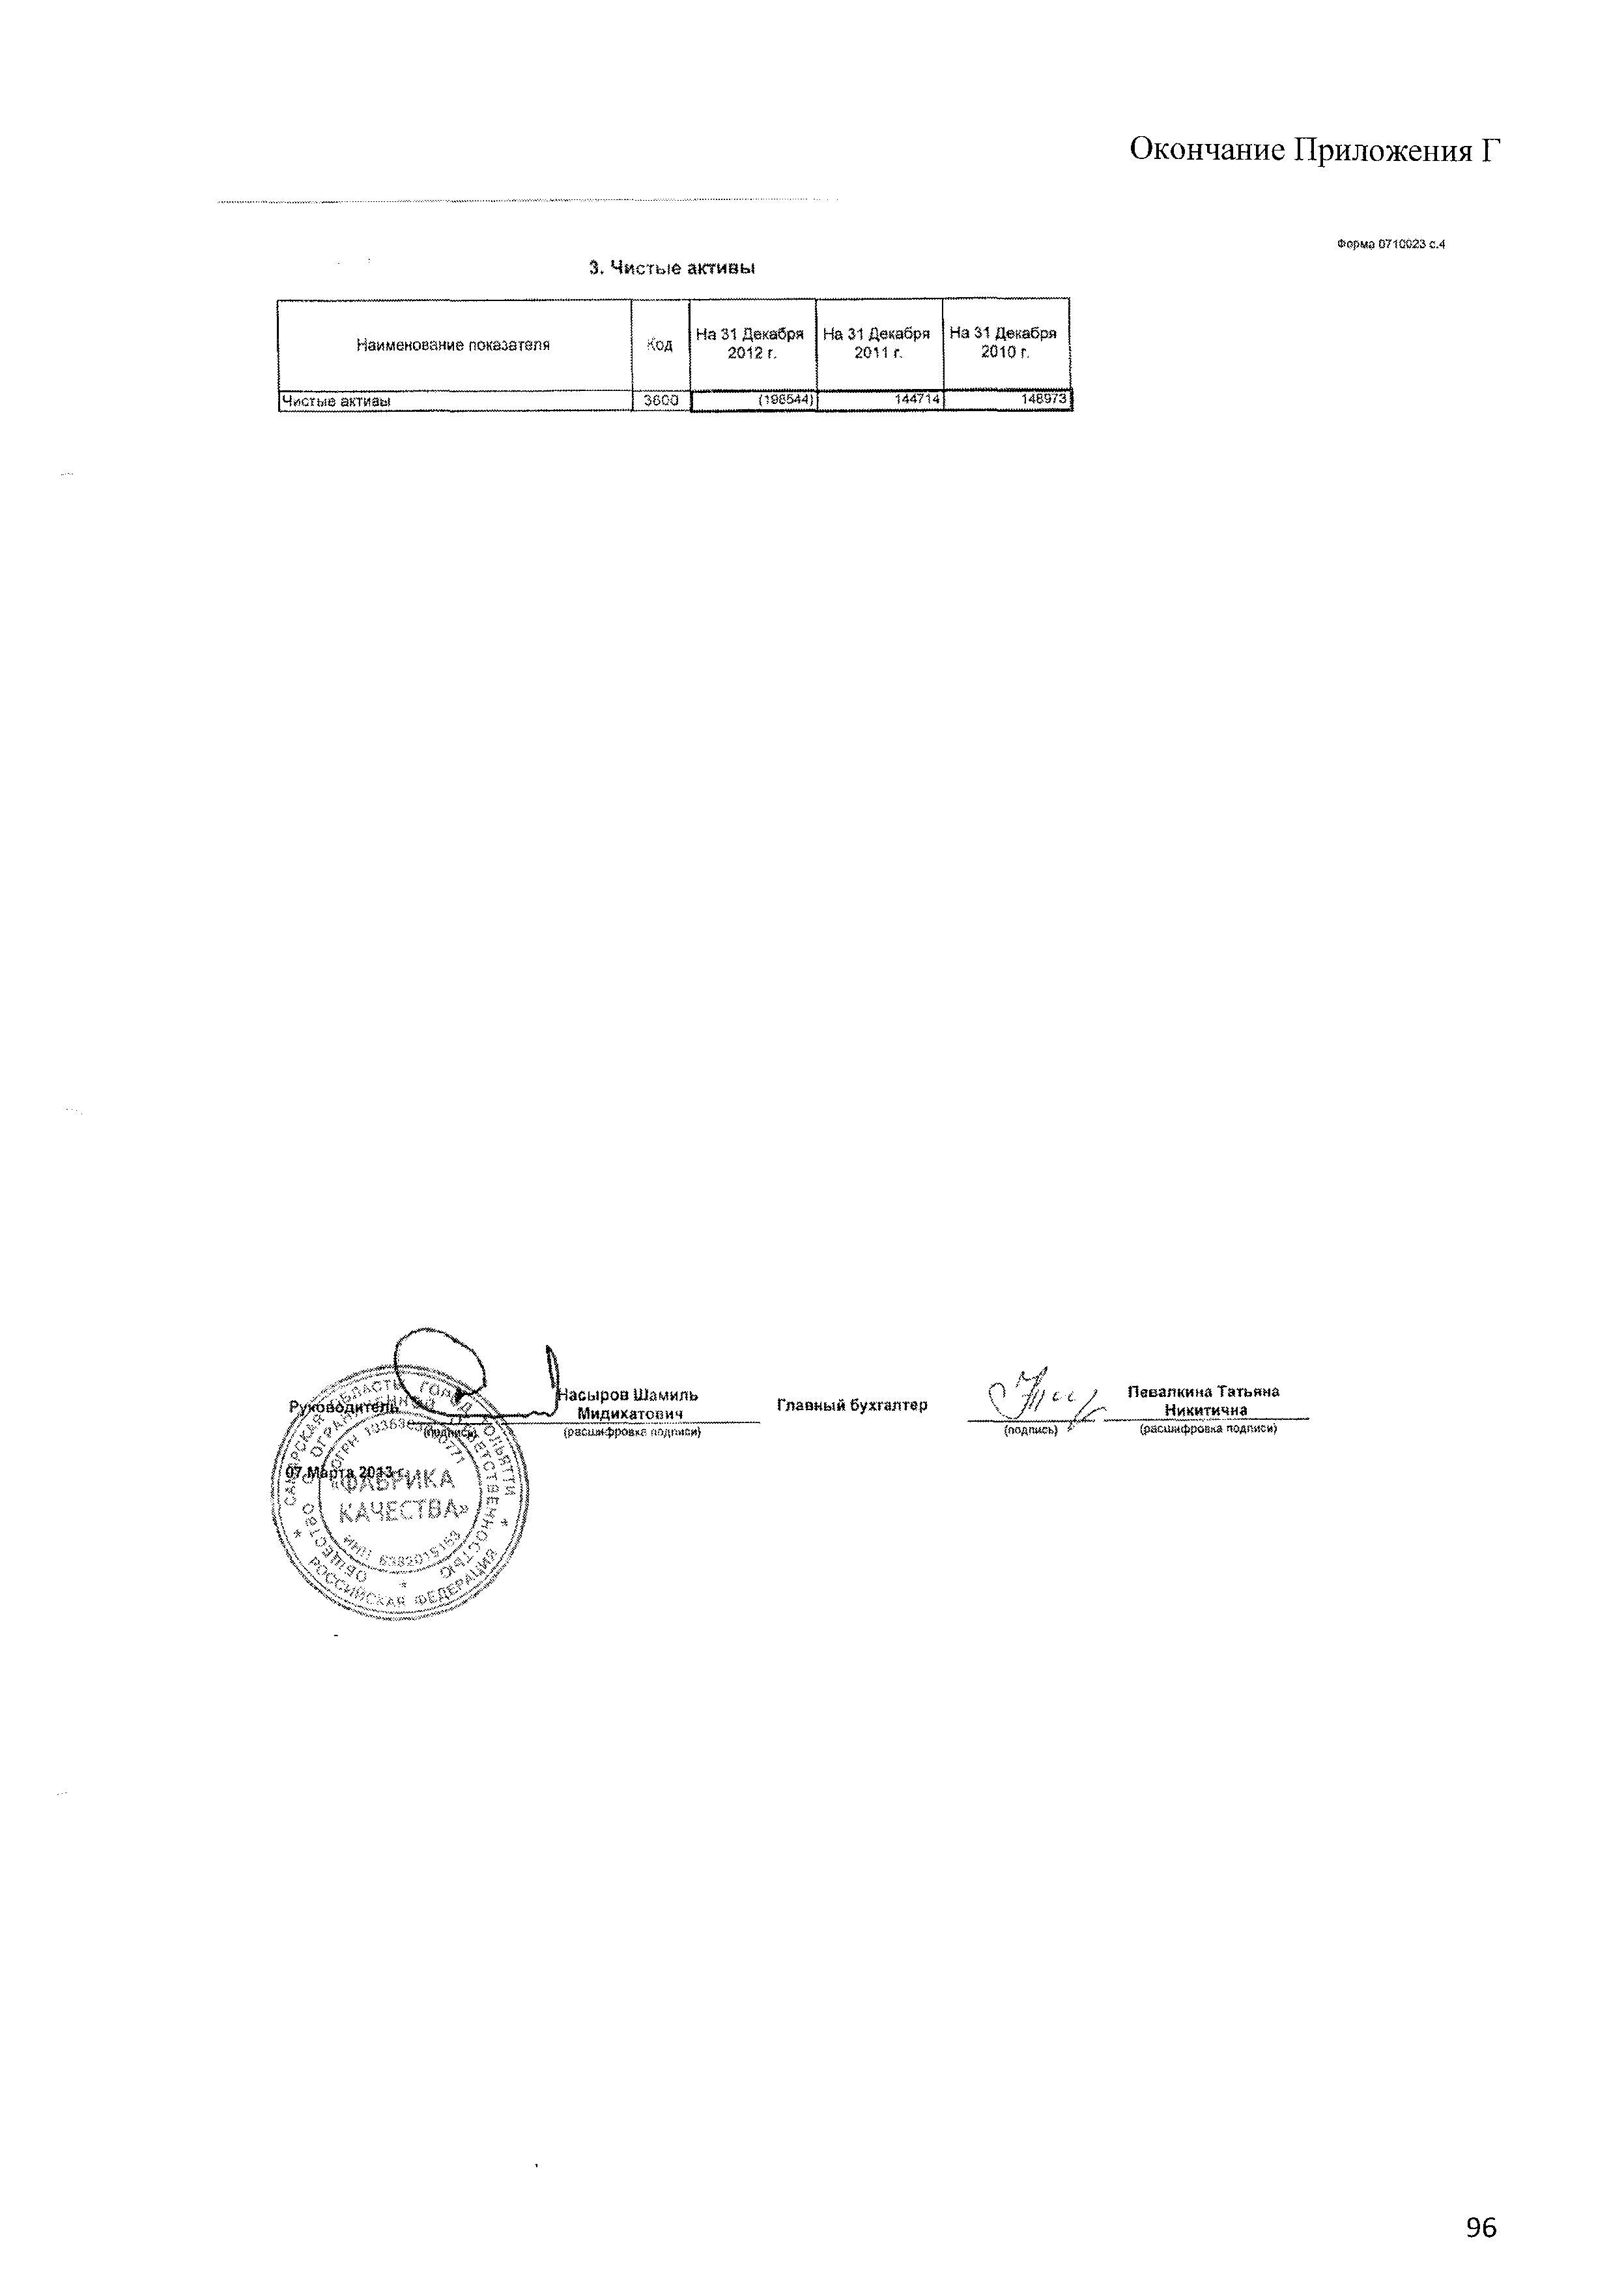 Оценка кредитоспособности ооо фабрика качества  93